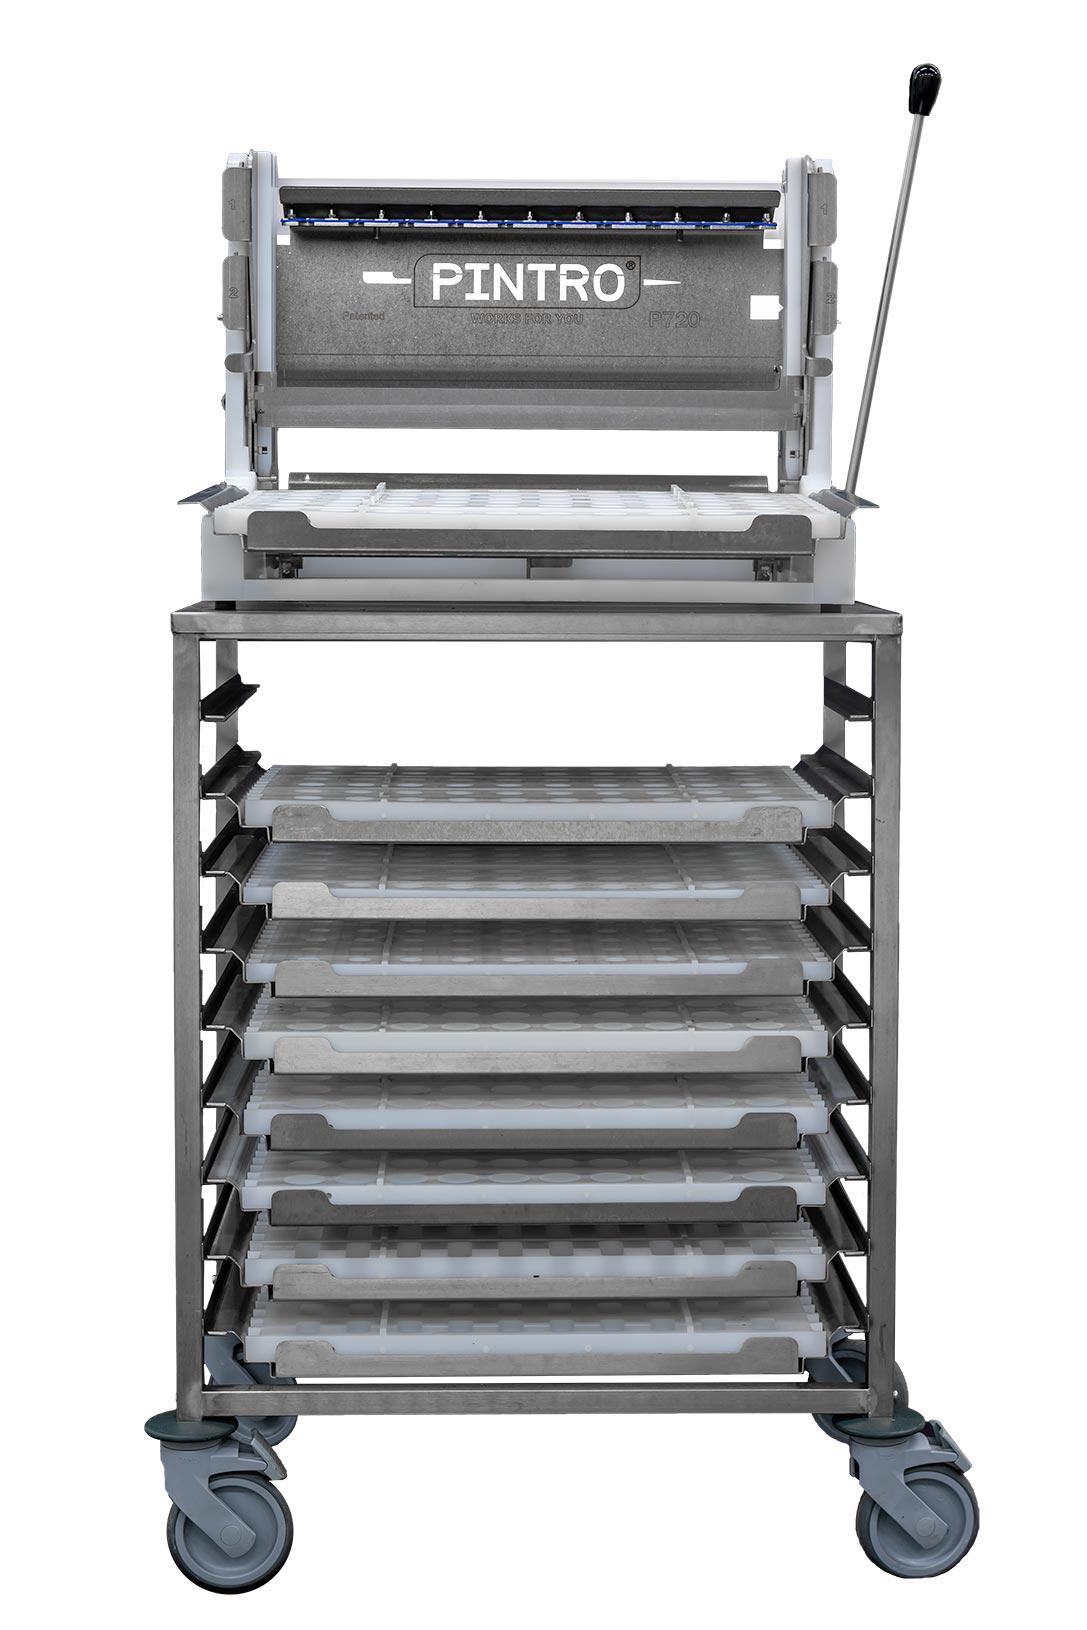 PINTRO P720 manuelle Spießmaschine Arbeitsfläche